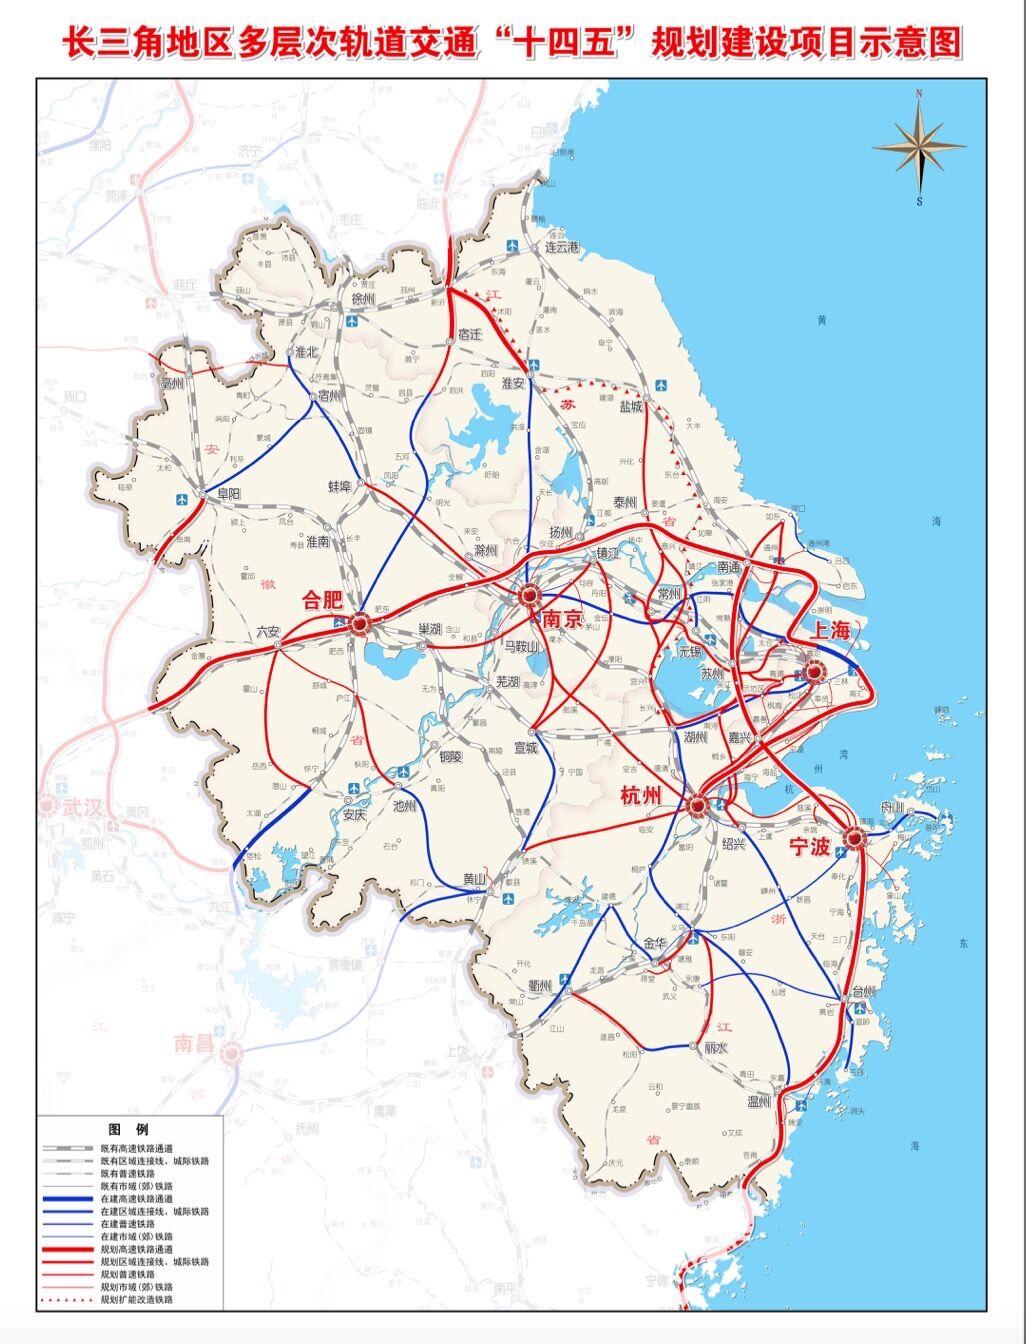 長三角全面推進多層次軌道交通建設 軌道縱橫銜接 多網融合發展